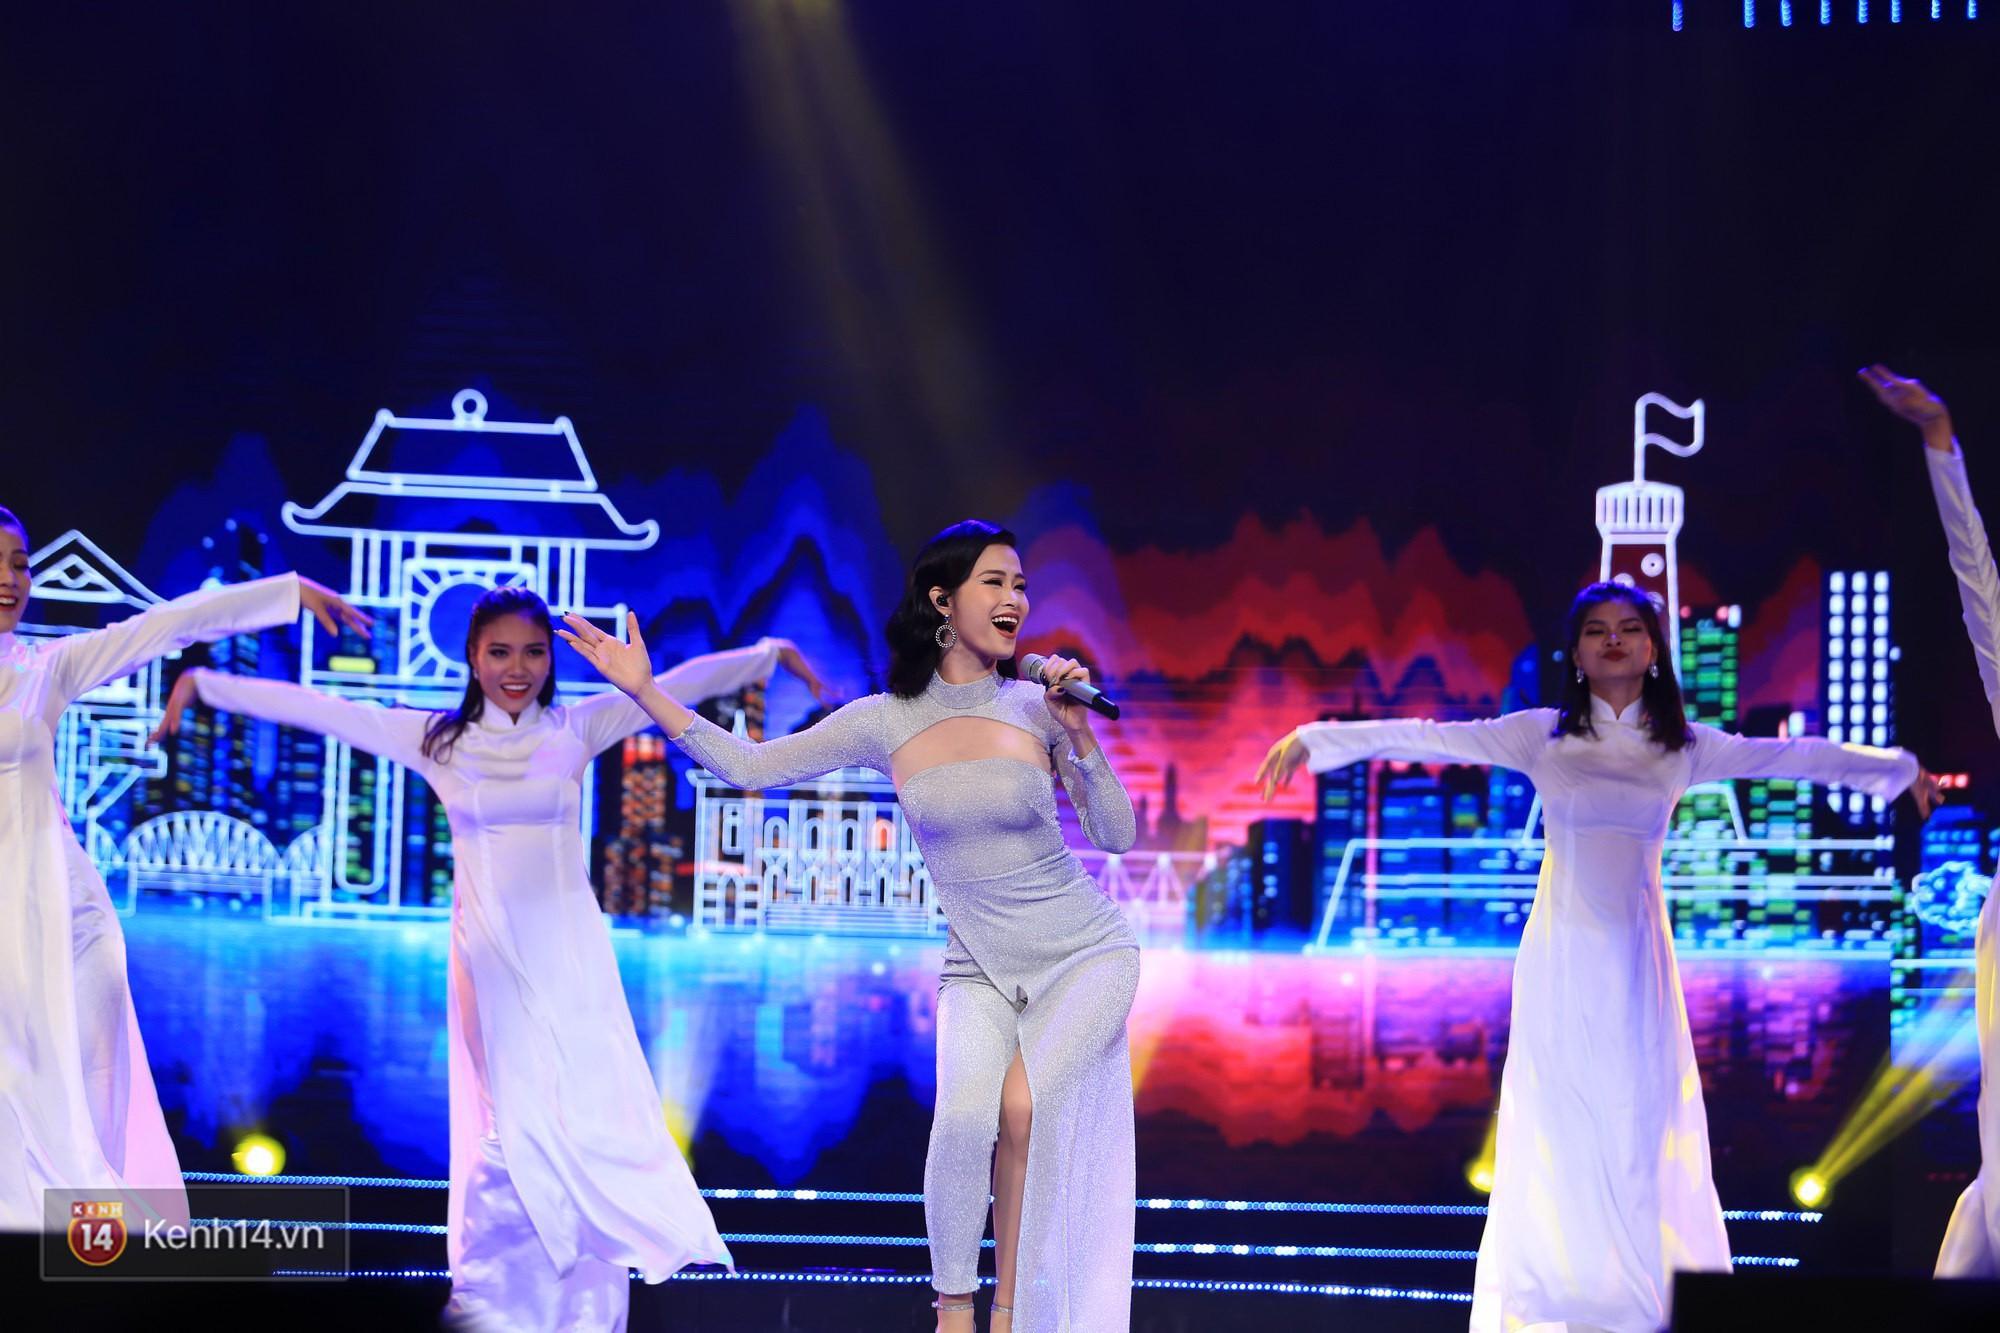 Clip: Đông Nhi và hiện tượng âm nhạc thế giới Bút dứa - Táo bút đốt cháy sân khấu bằng loạt hit đình đám - Ảnh 1.